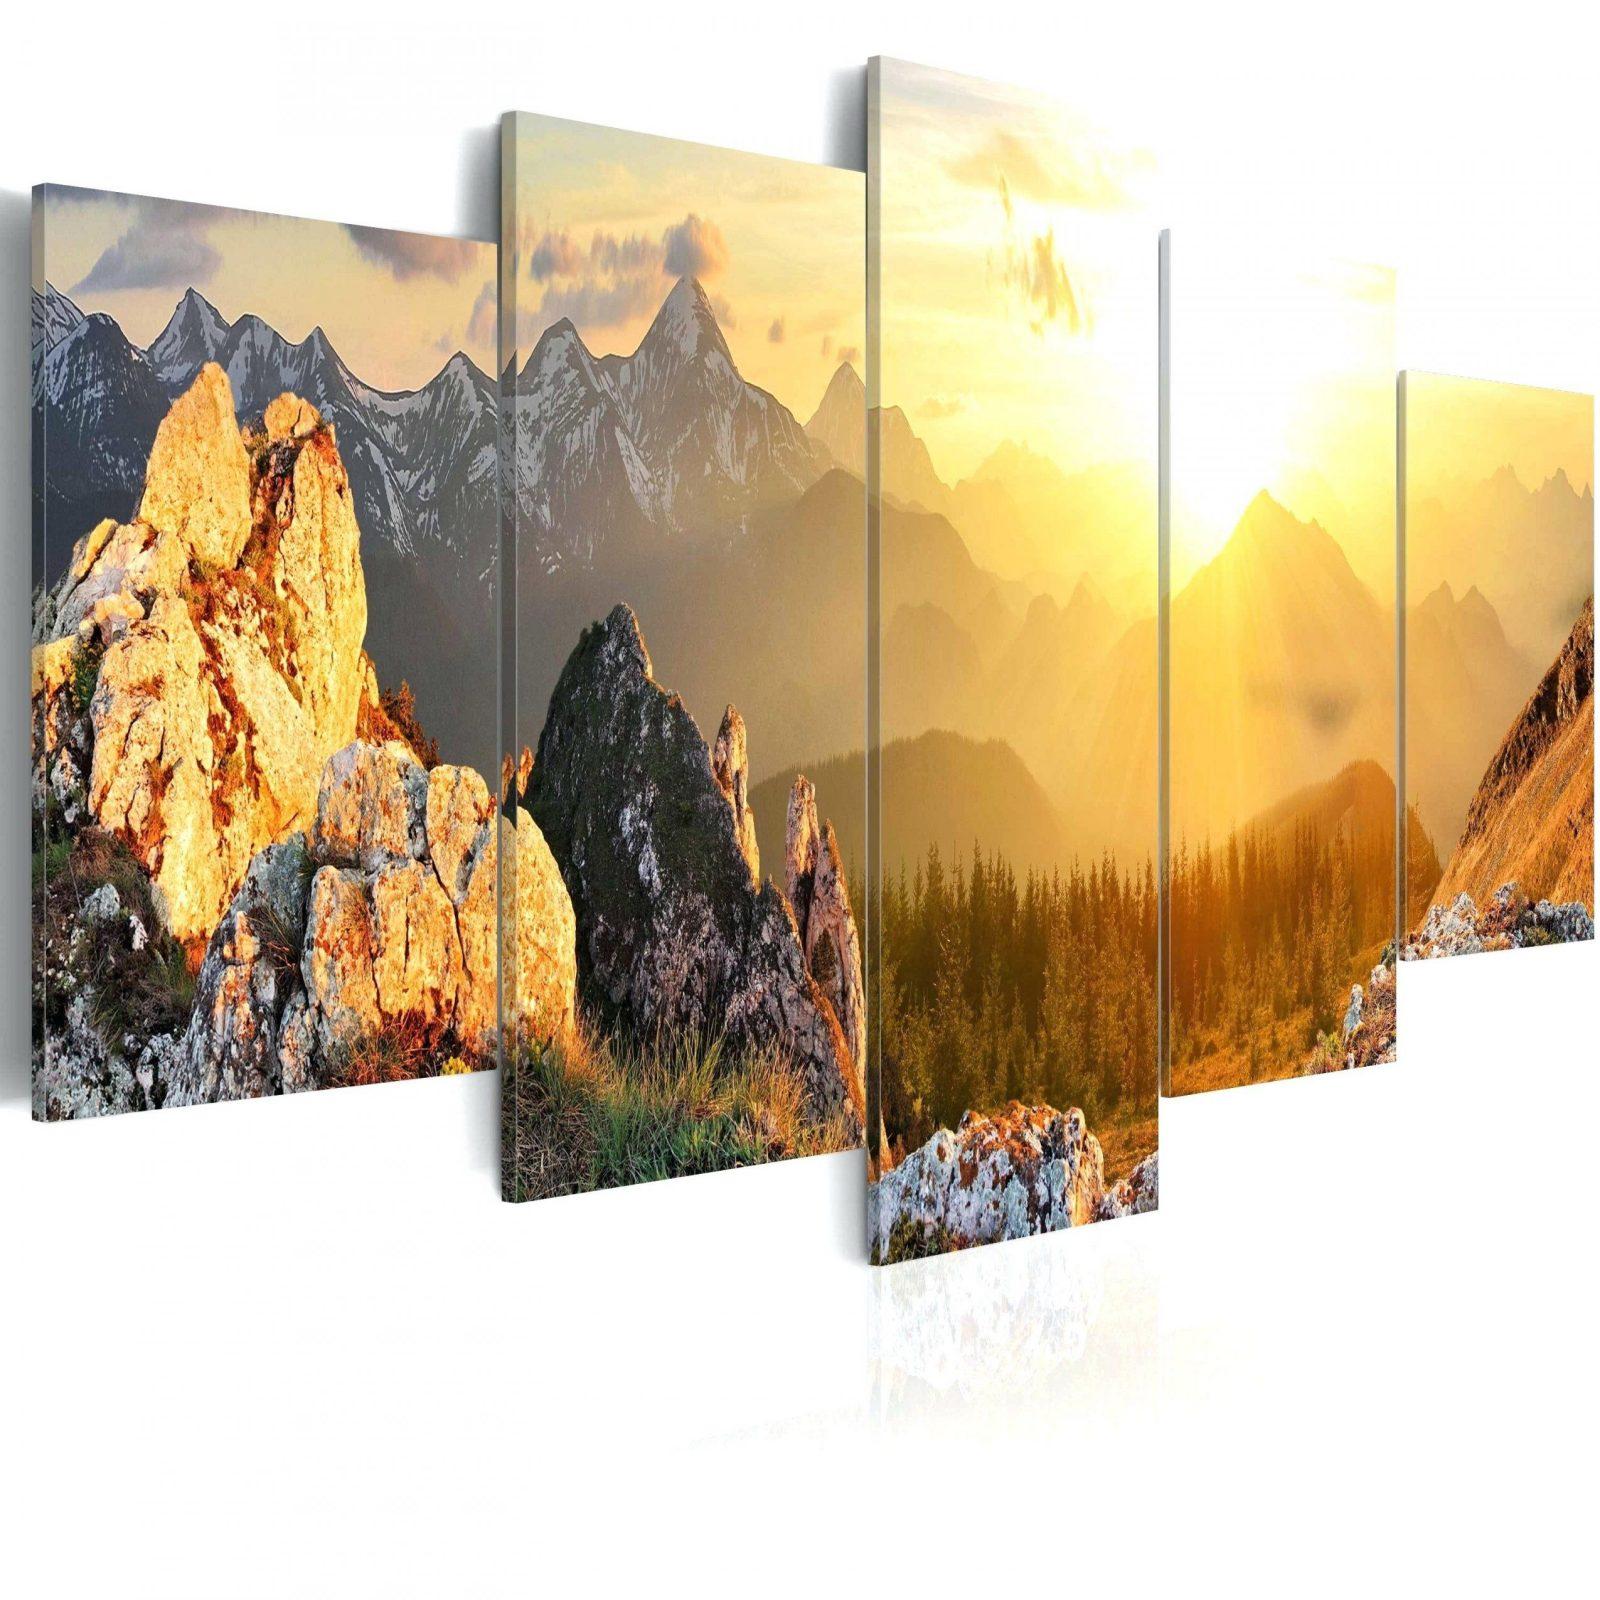 Wandbilder Mehrteilig Schane Ideen Mehrteiliges Wandbild Und von Leinwandbilder Mehrteilig Selbst Gestalten Bild